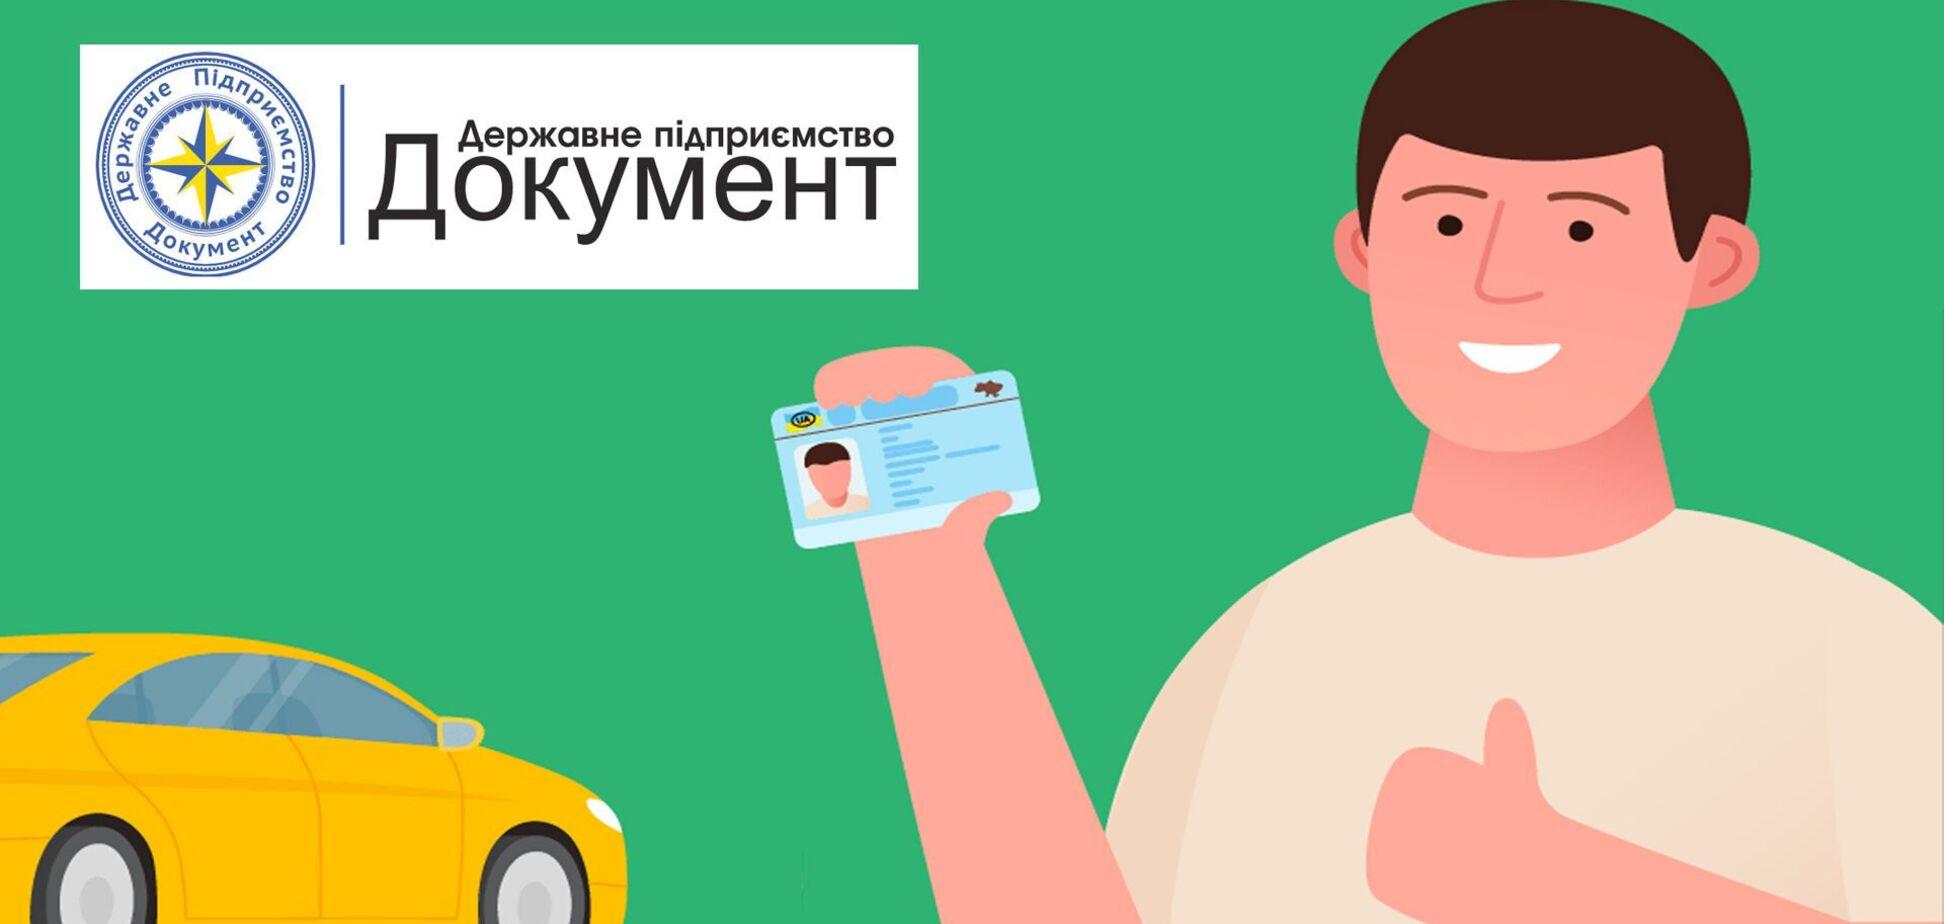 'Паспортный сервис' начал обменивать водительские права и назвал цены